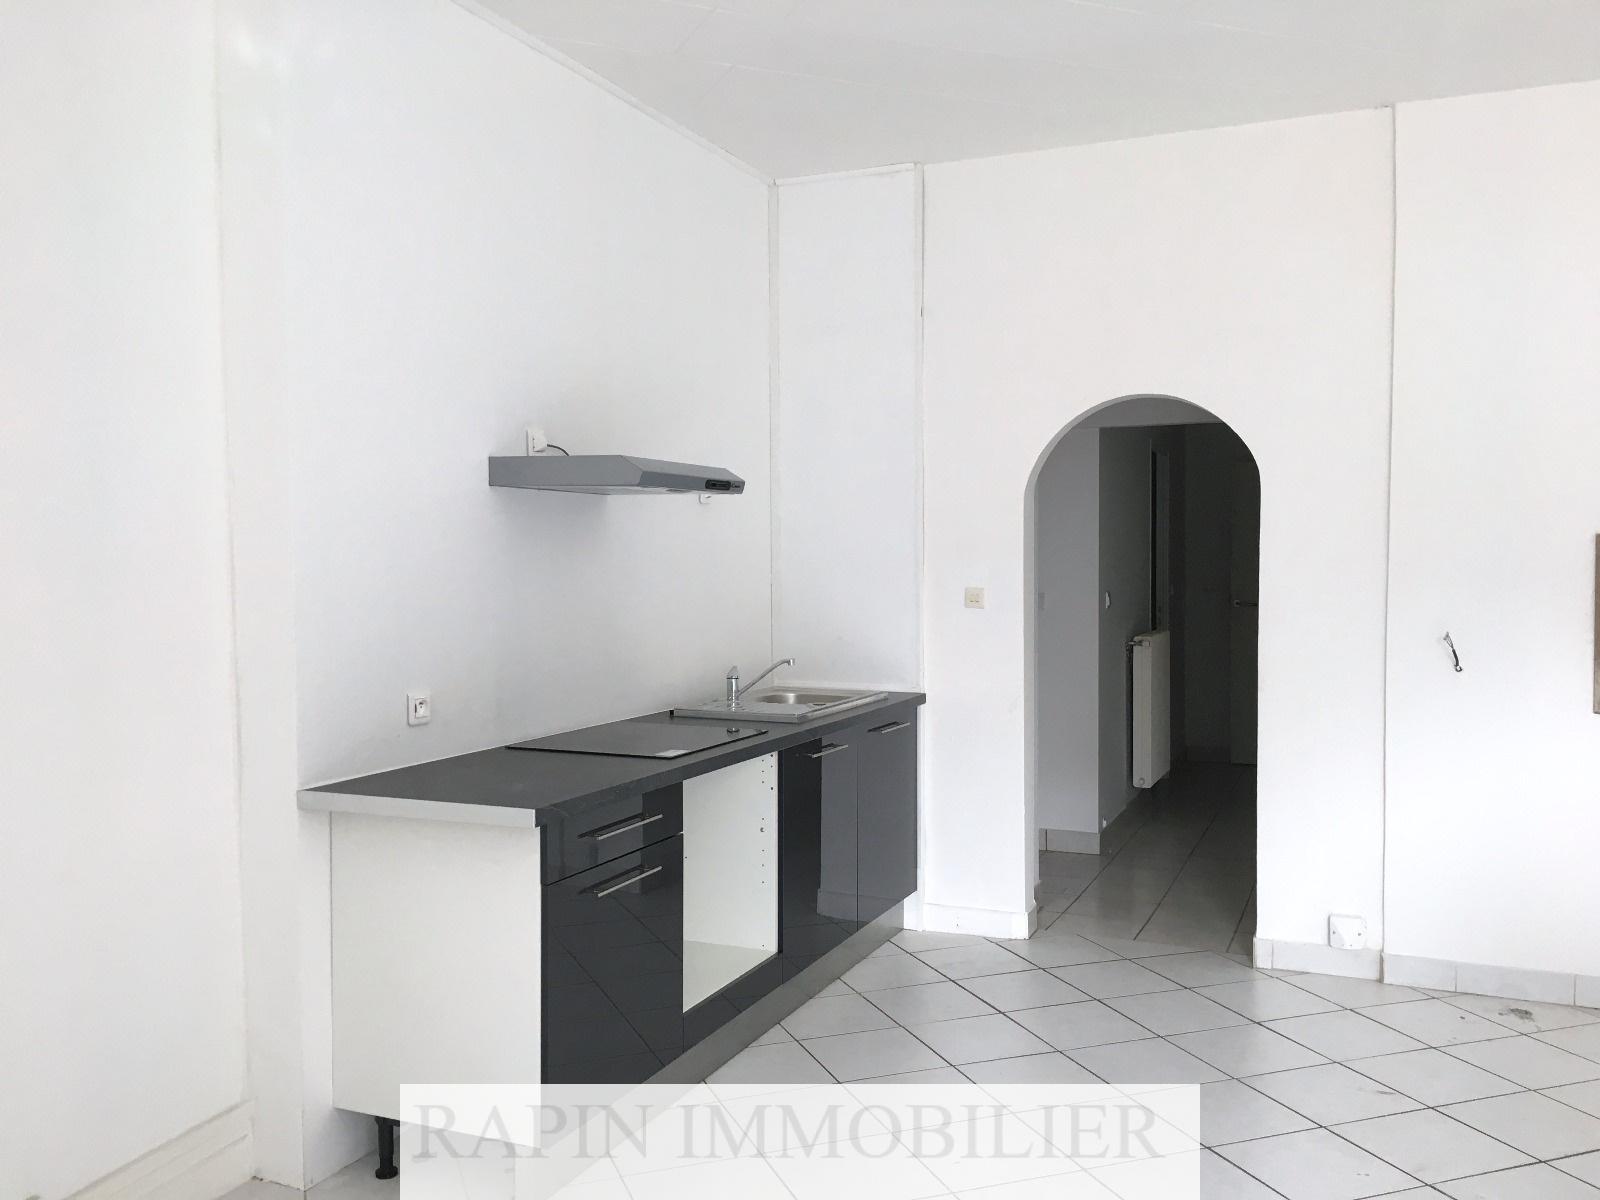 Annonce location appartement lyon 5 52 m 650 for Annonce lyon